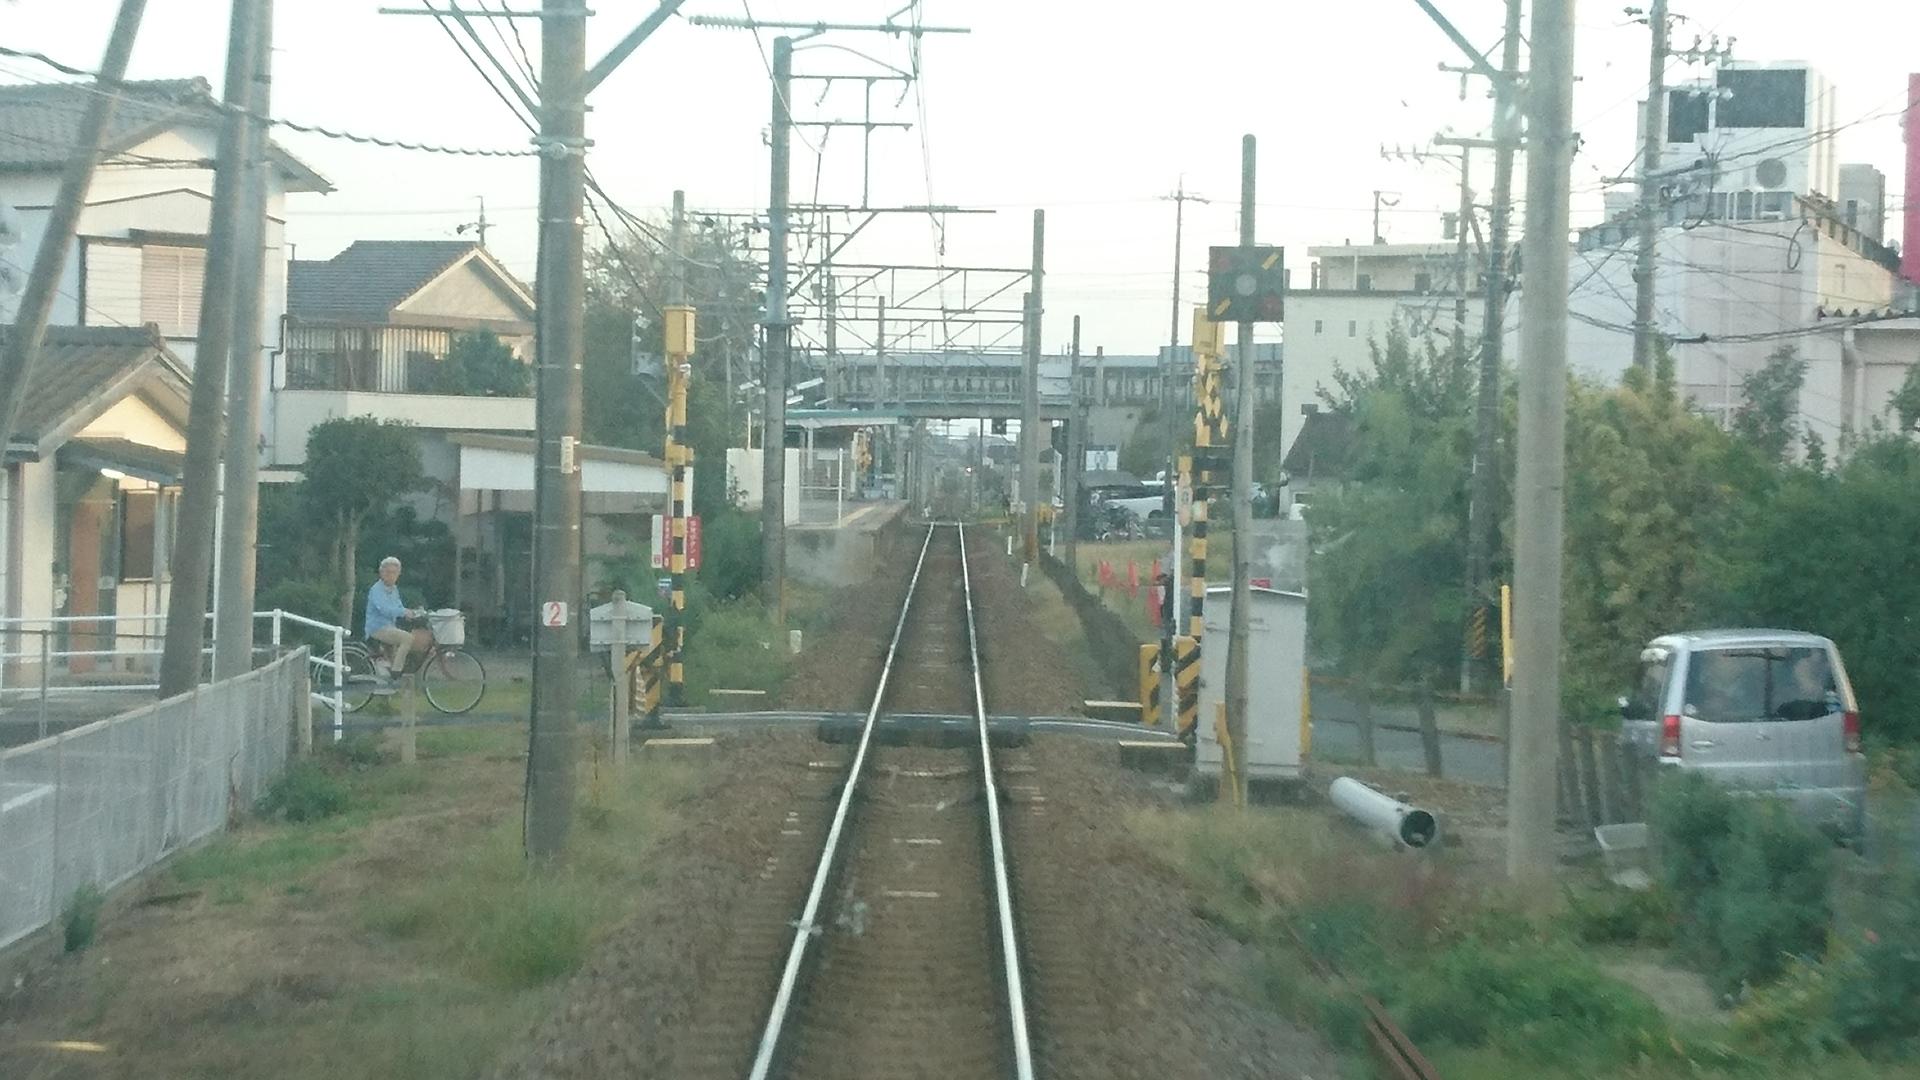 2016.10.16 (30) 西尾いきふつう - 古井